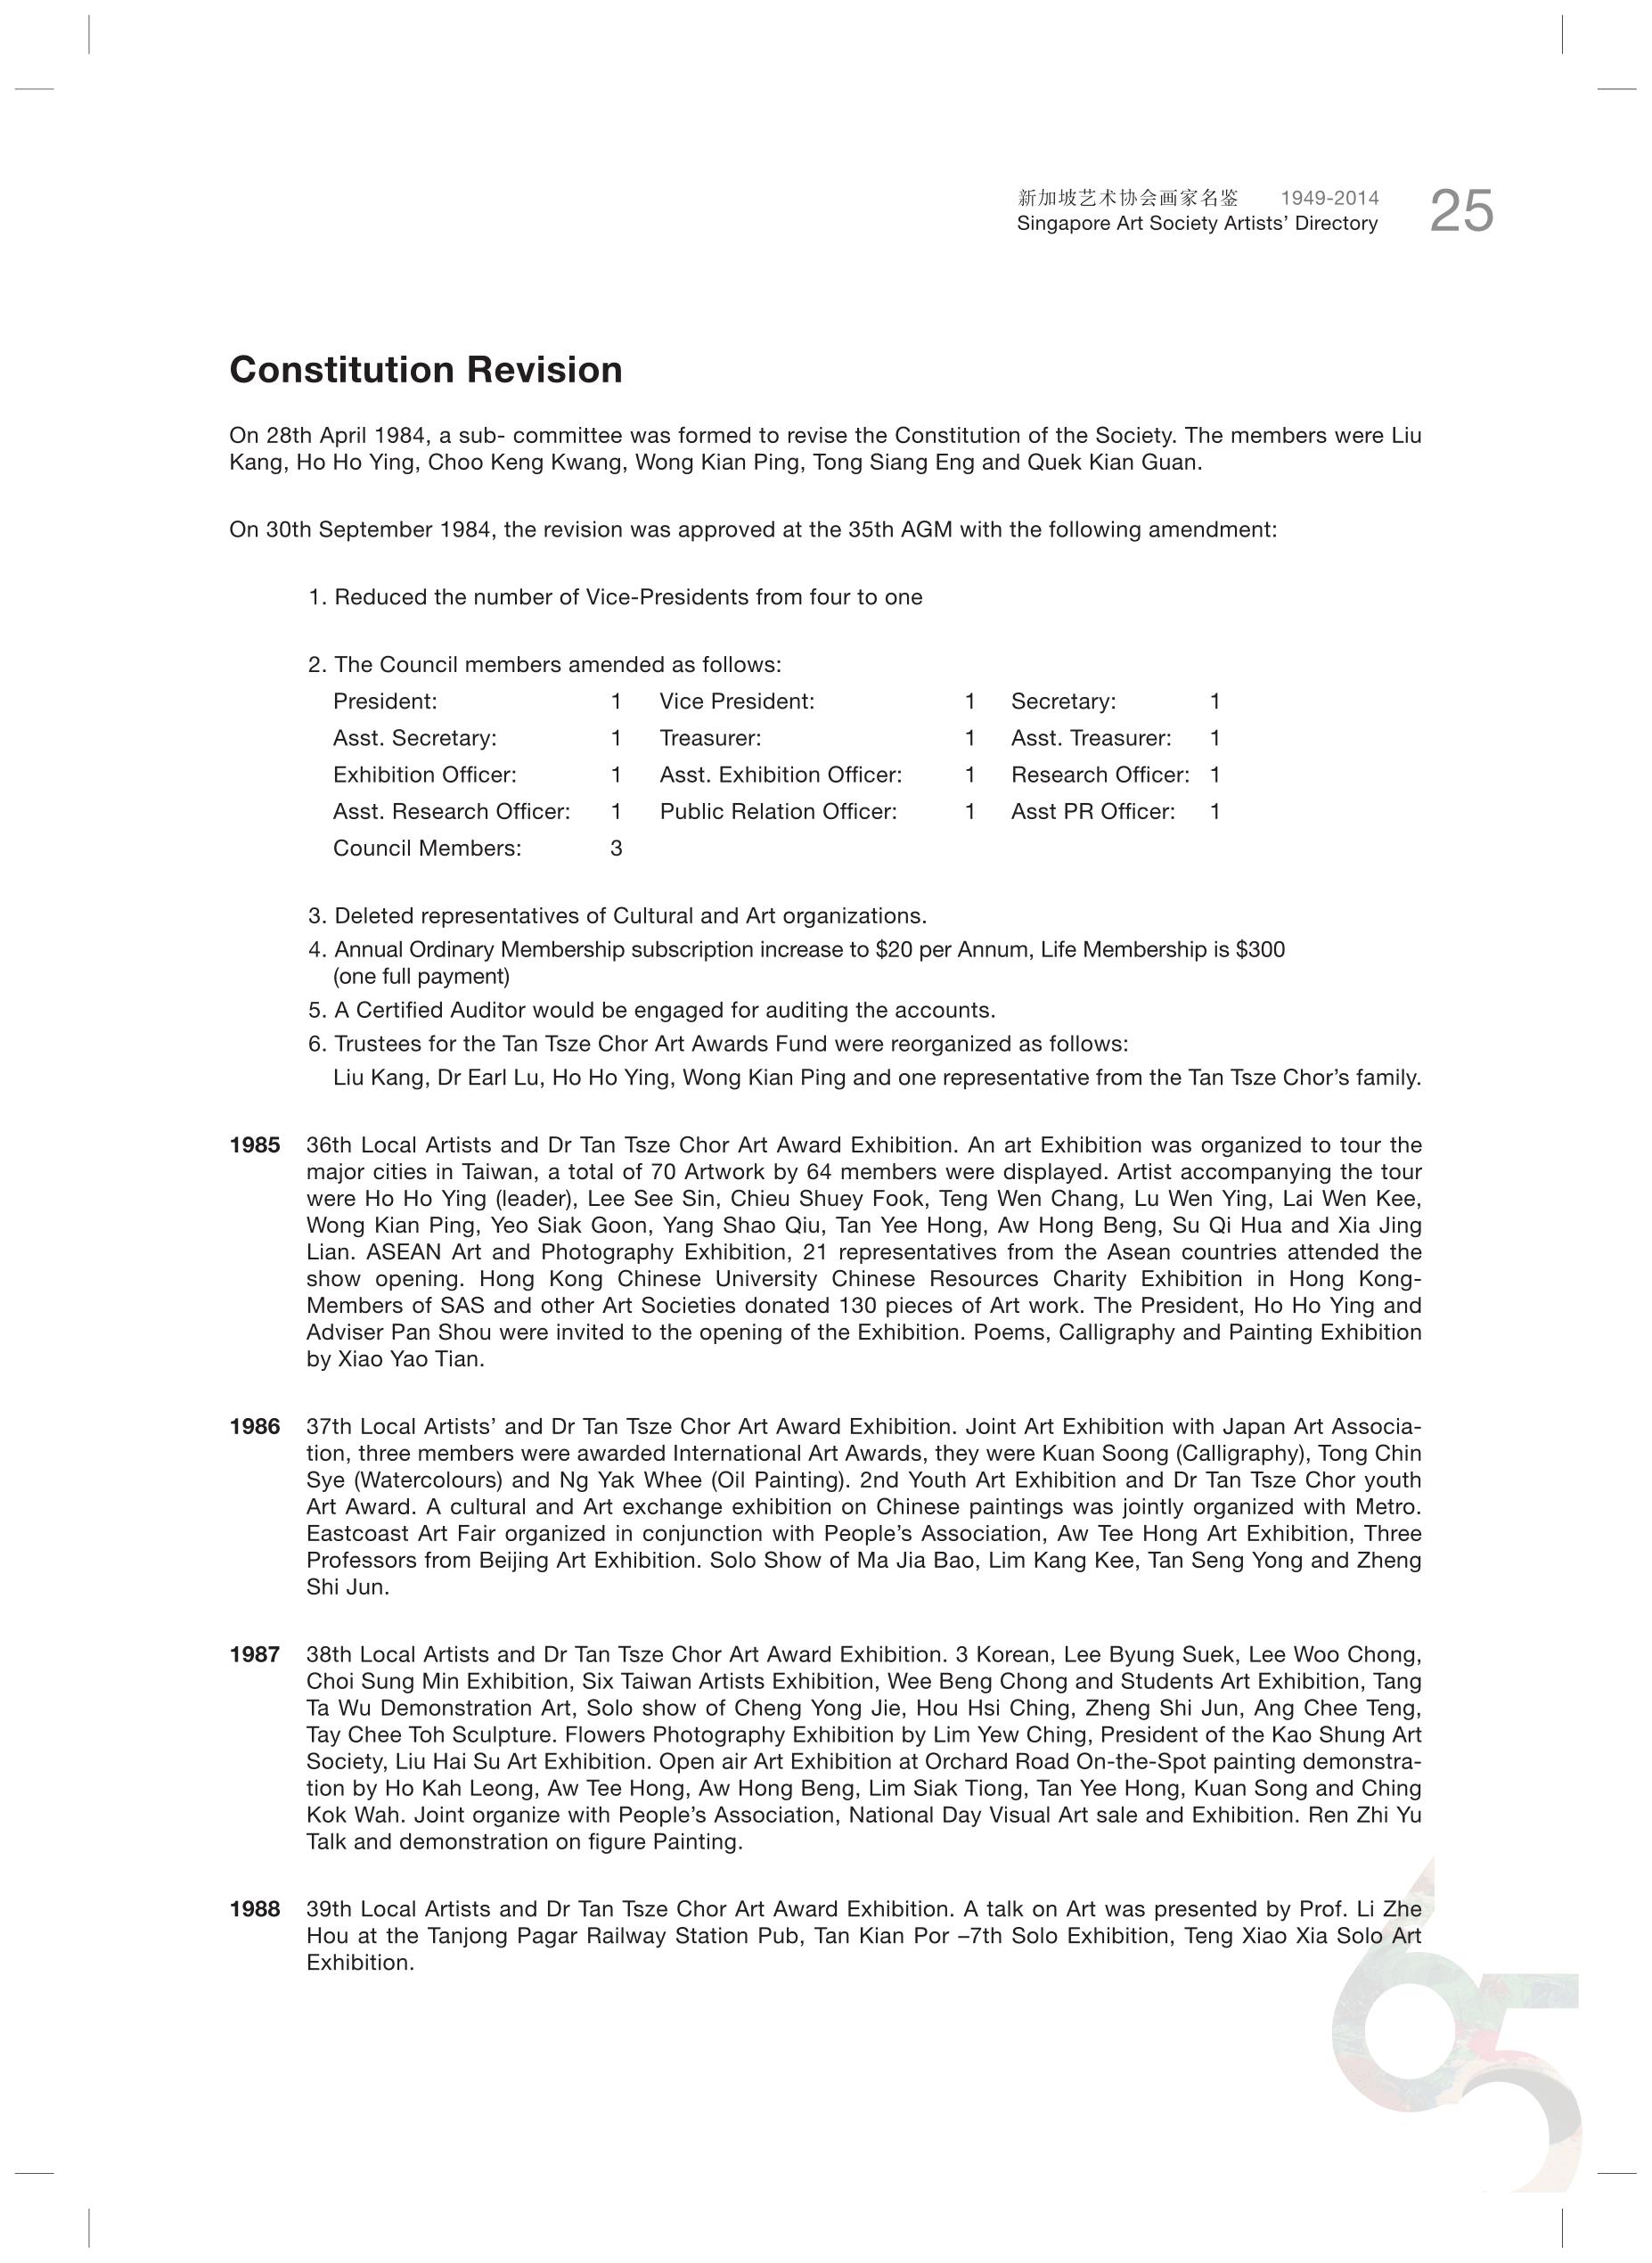 SG 65 inside_Part3-03